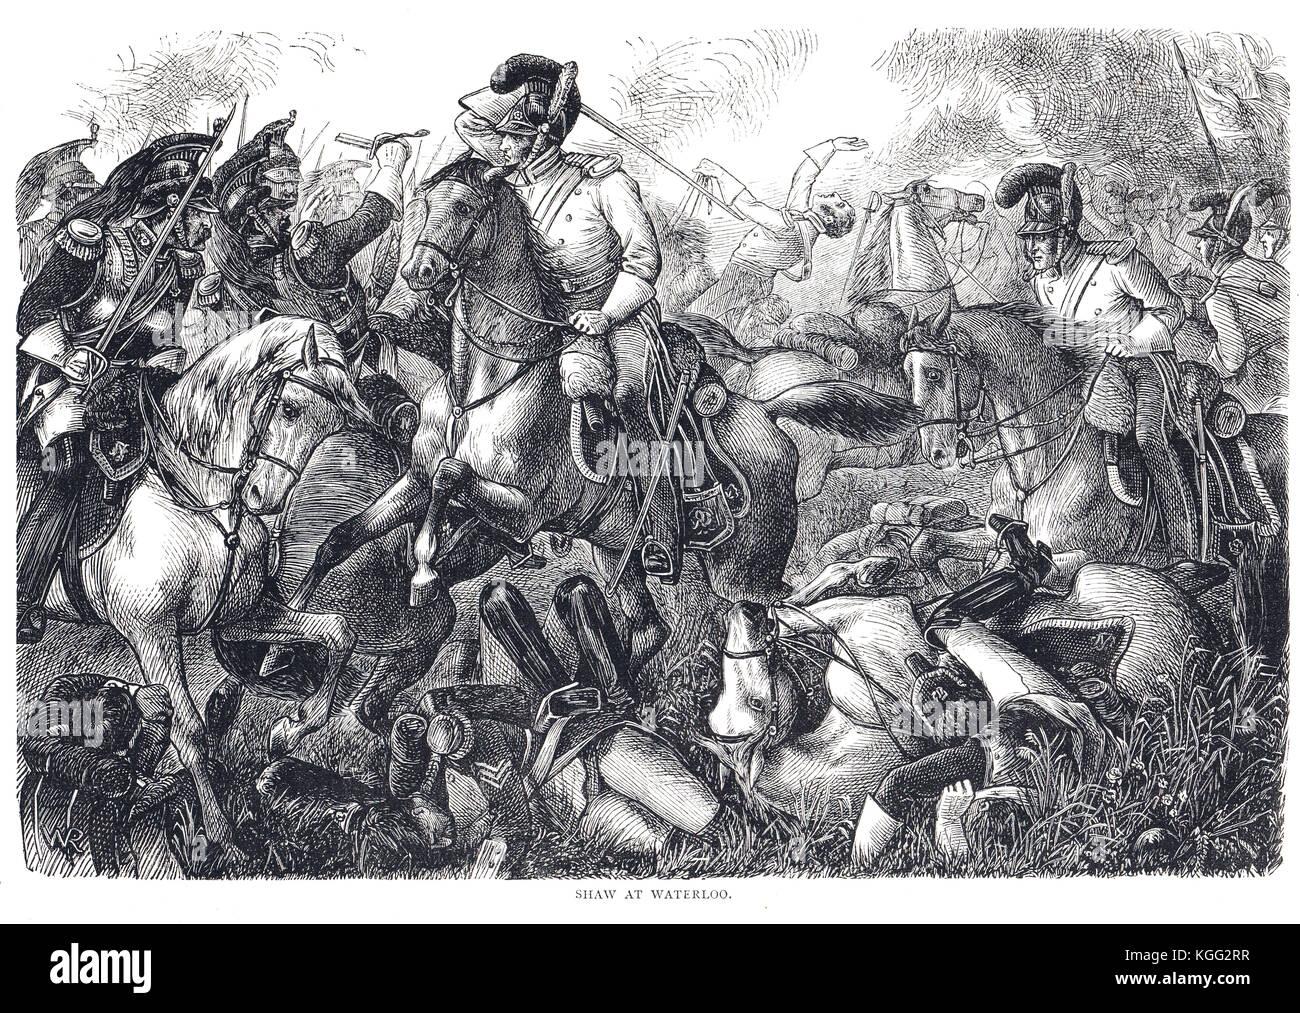 Shaw, John corporal 2a cargo de guardias de la vida, la batalla de Waterloo, el 18 de junio de 1815 Foto de stock